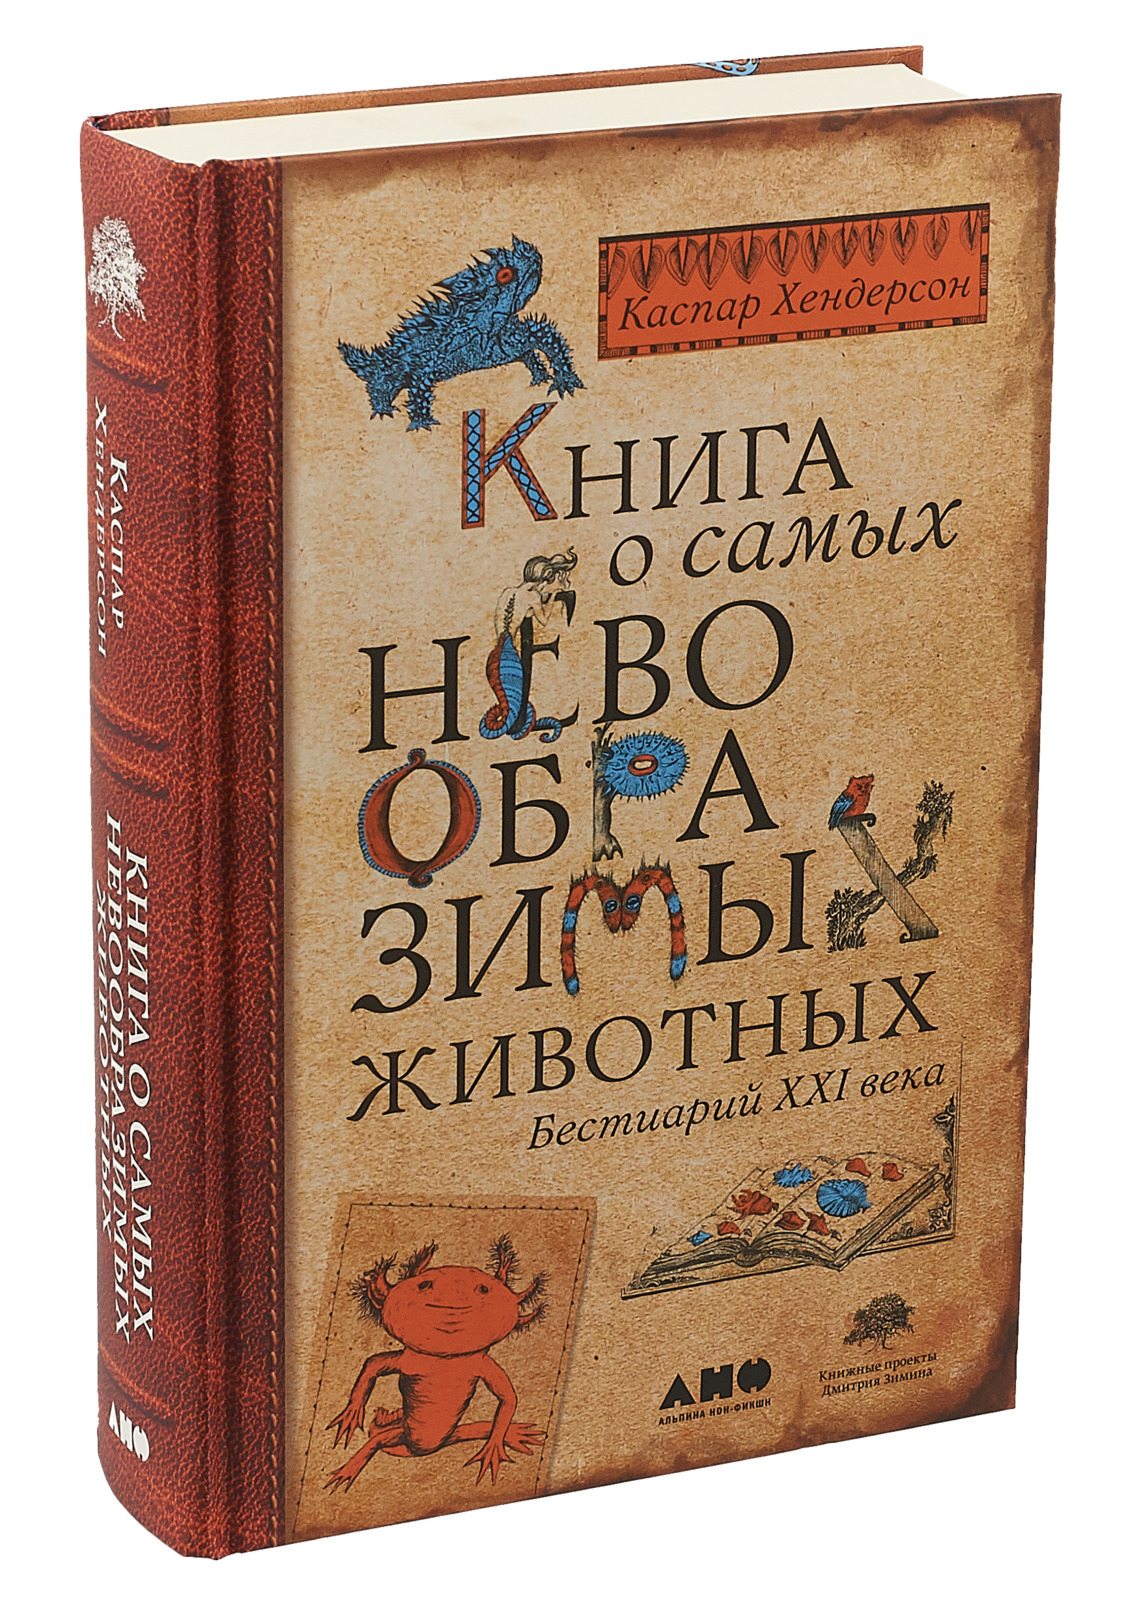 самые интересные книги россии стороны сгиба